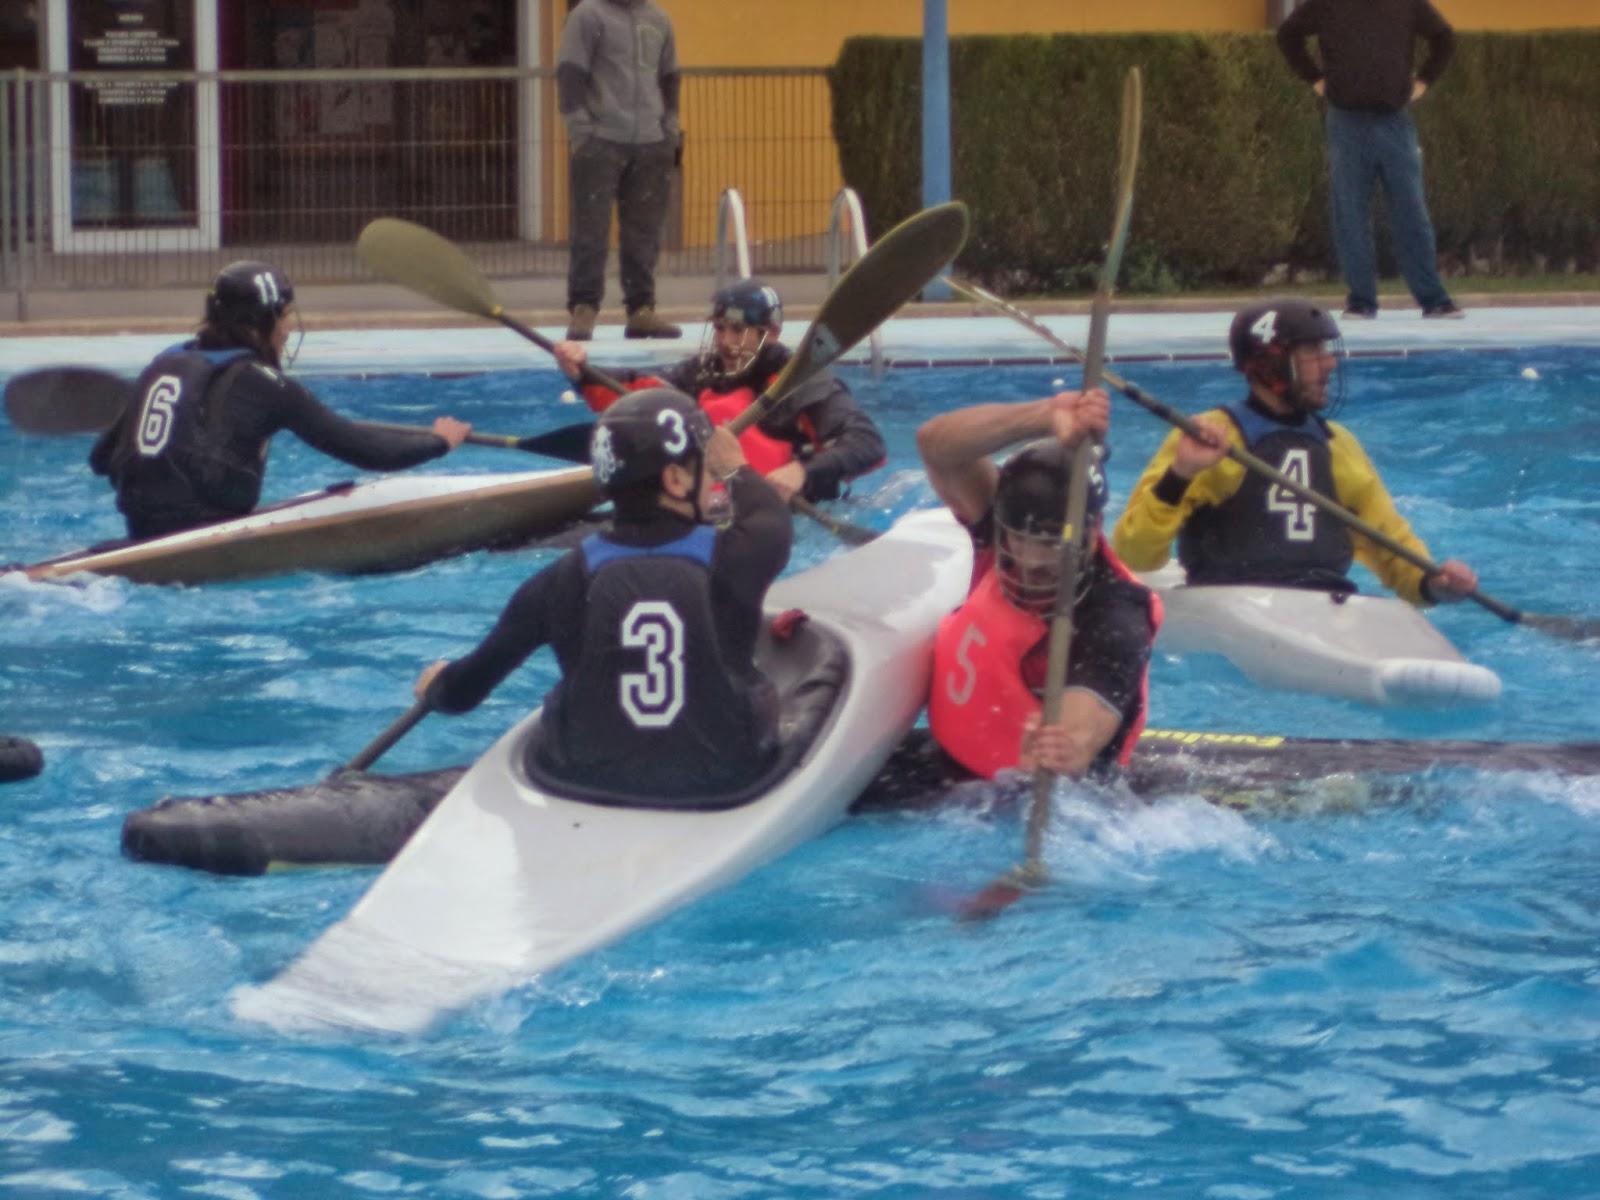 Club pirag isme silla silla un pueblo con albufera for Sillas para kayak